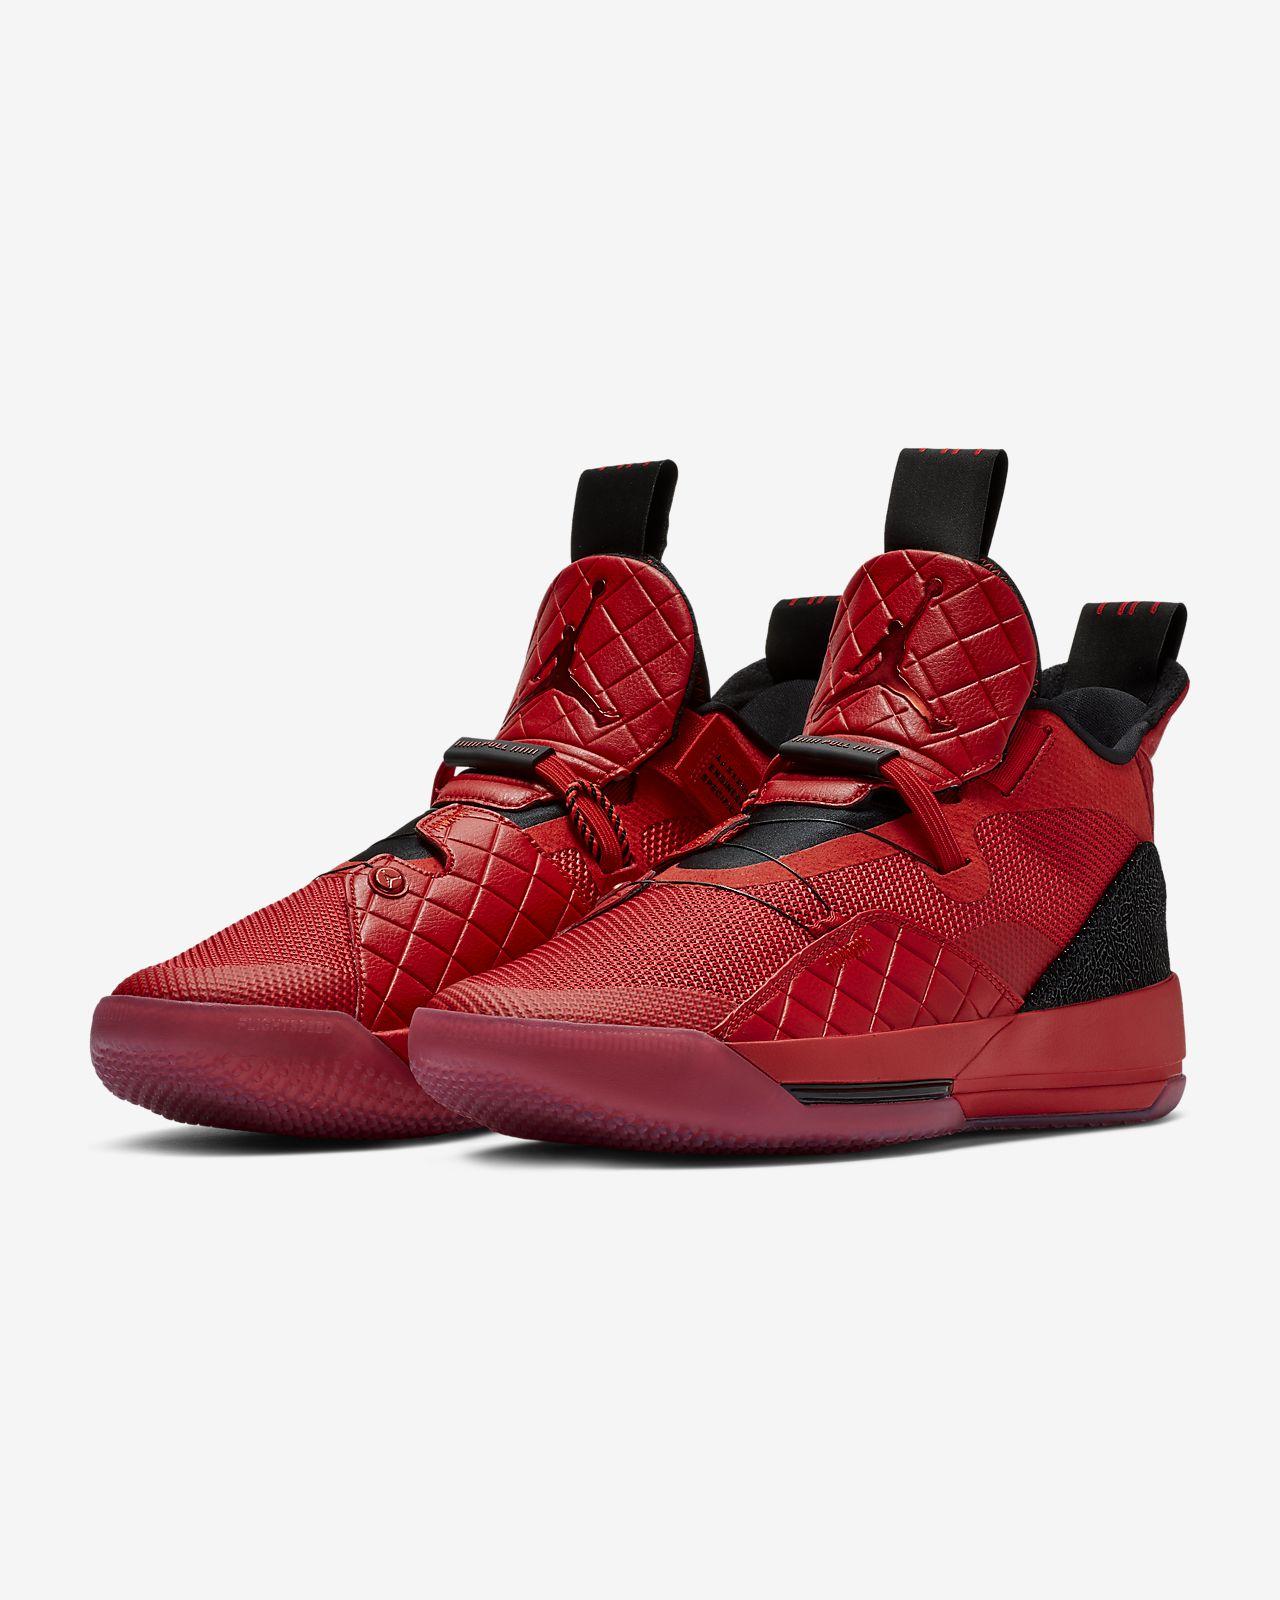 detailing 7cfd6 0586e Low Resolution Air Jordan XXXIII Basketball Shoe Air Jordan XXXIII  Basketball Shoe